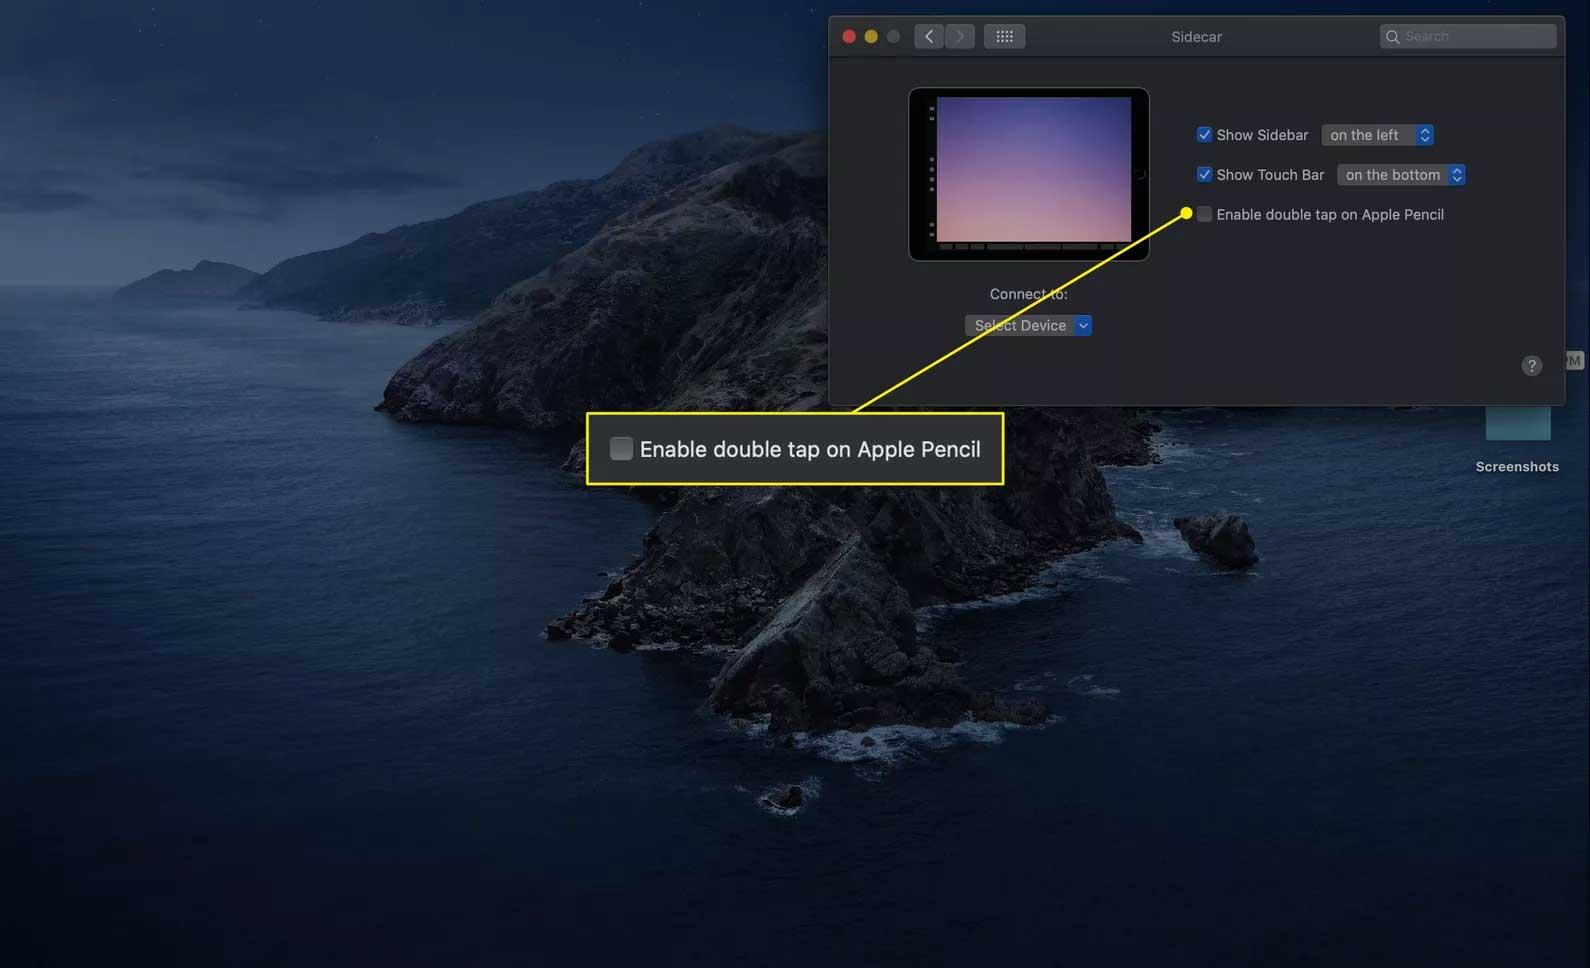 Tùy chọn click đúp vào Apple Pencil